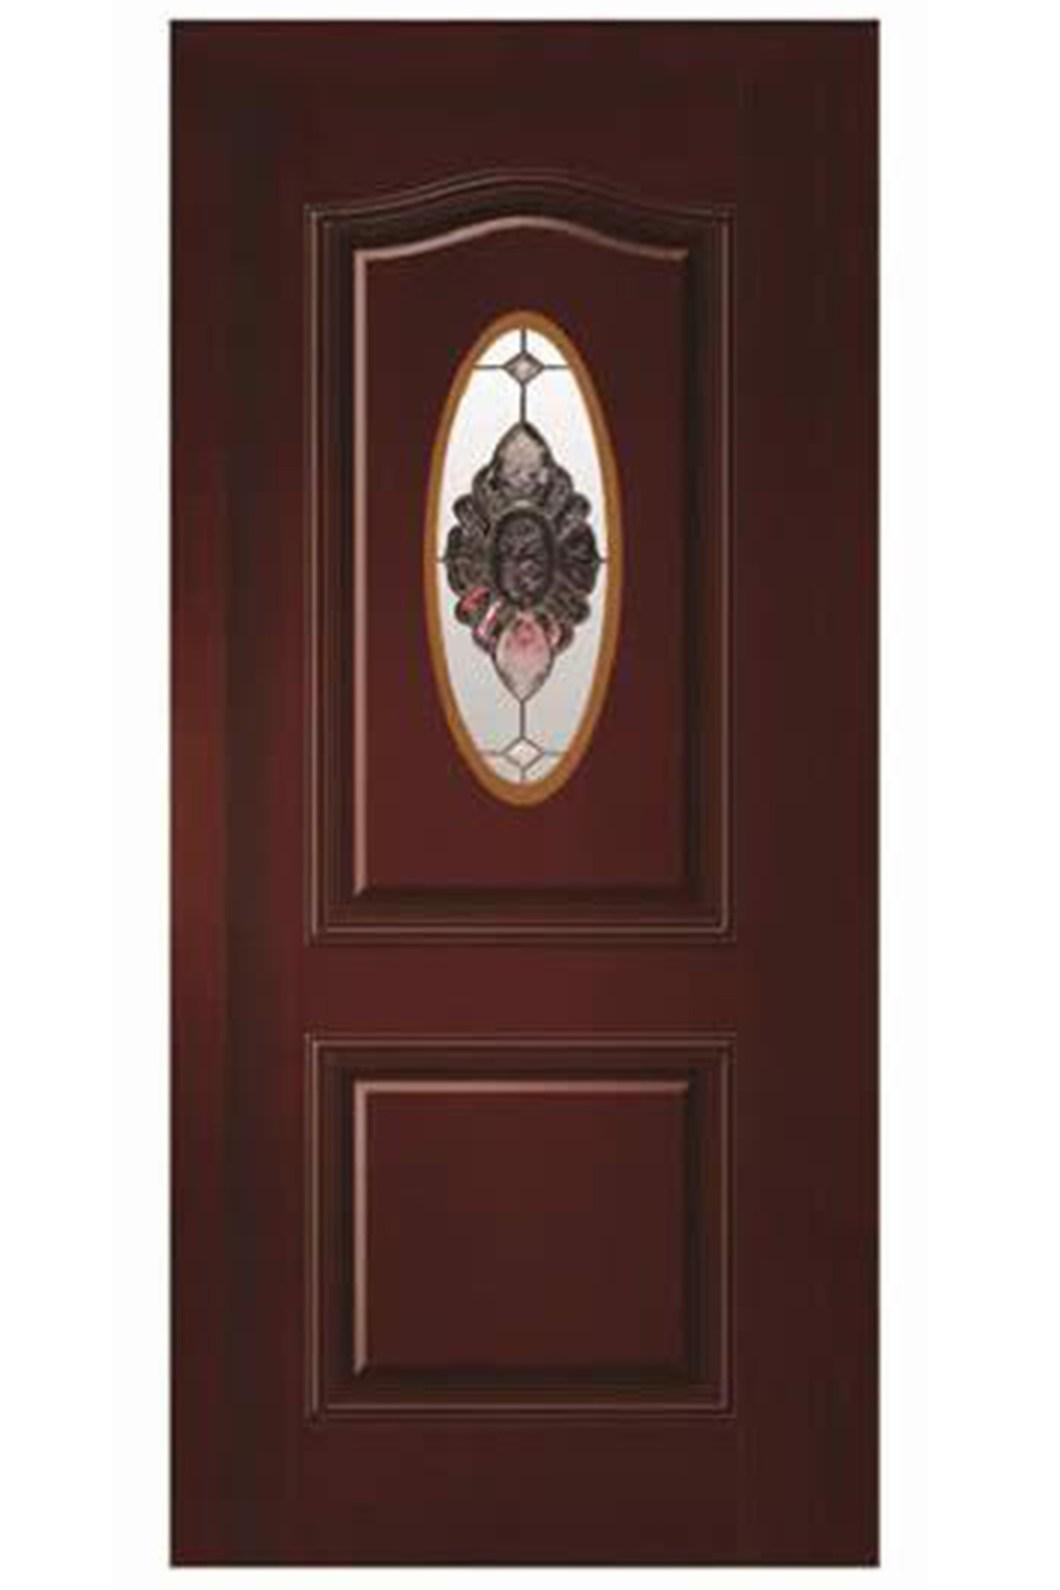 Natural Veneered Wooden Flush Door Design Mdf Living Room: Wood Grain Interior Doors